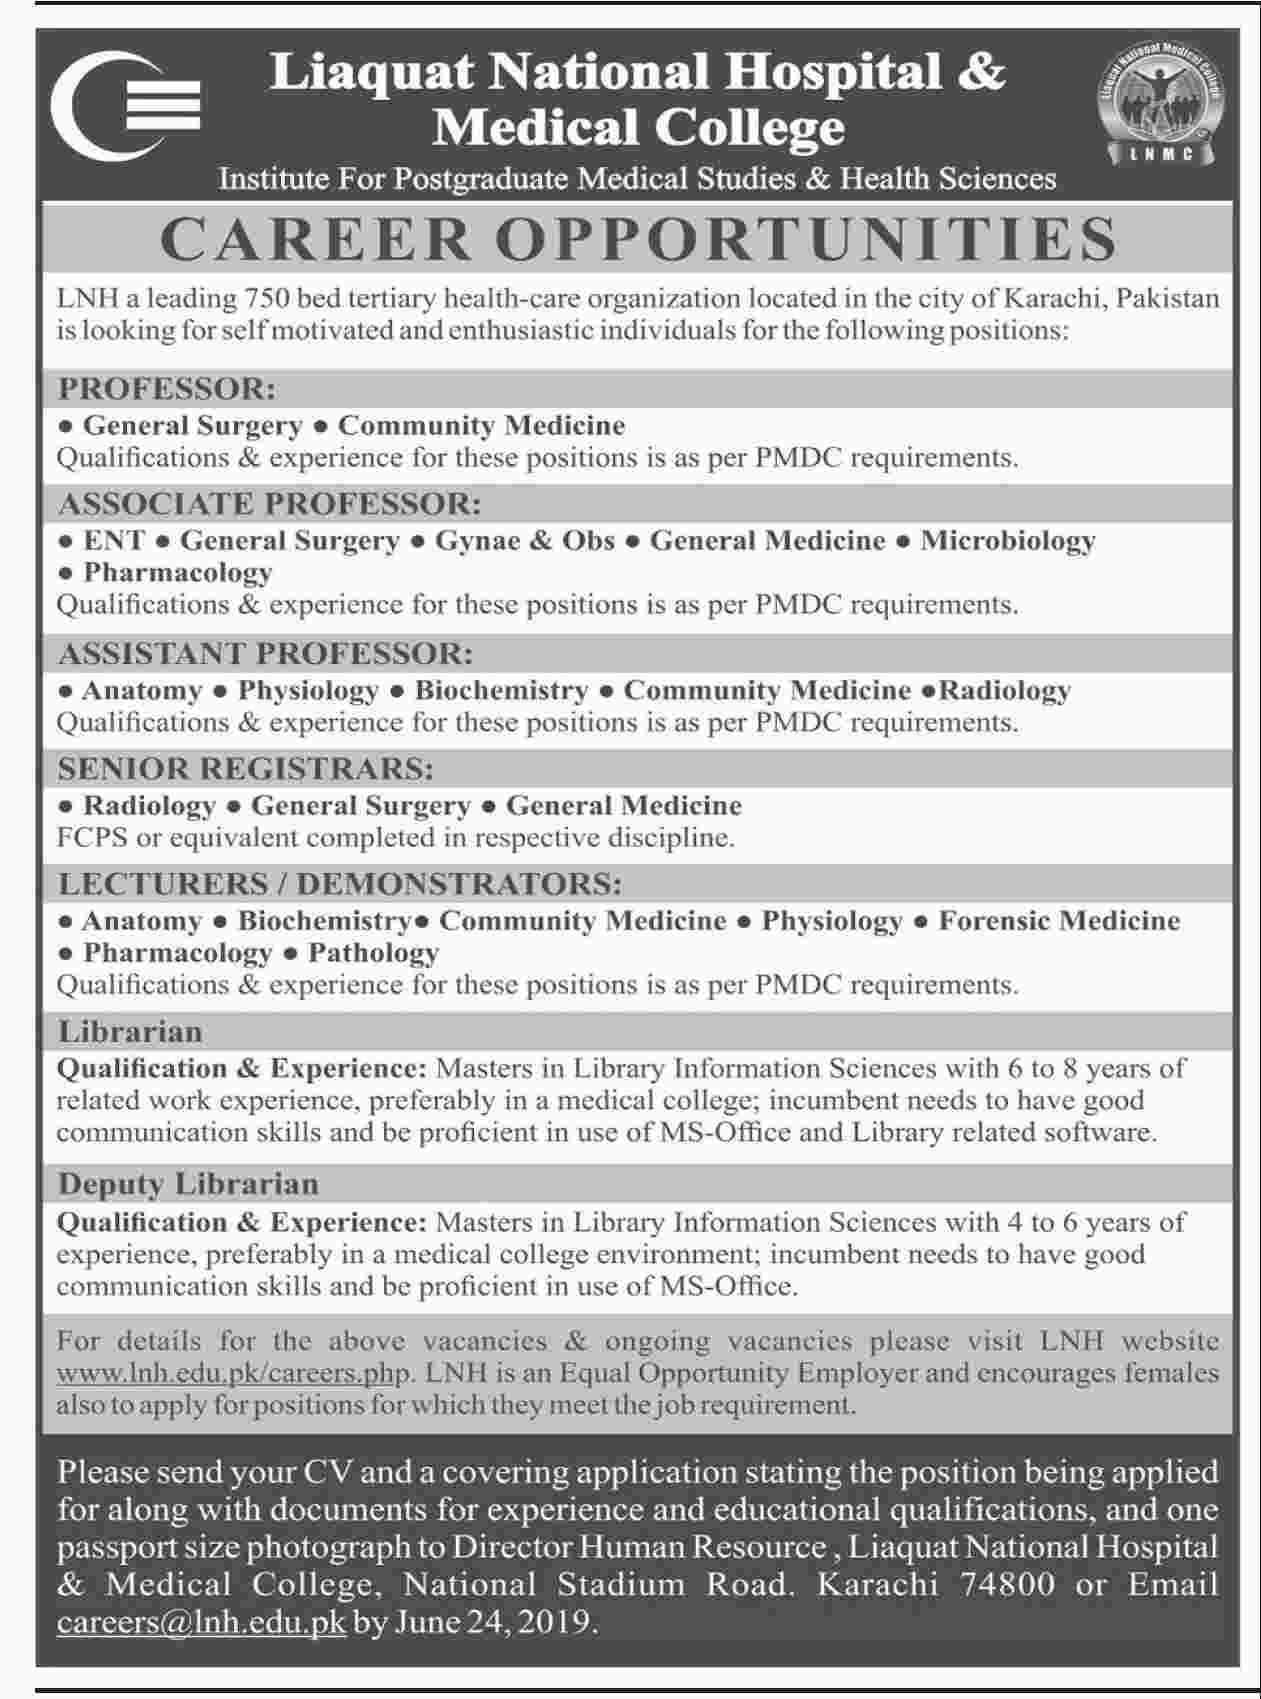 Liaquat National Hospital & Medical College Jobs 2019